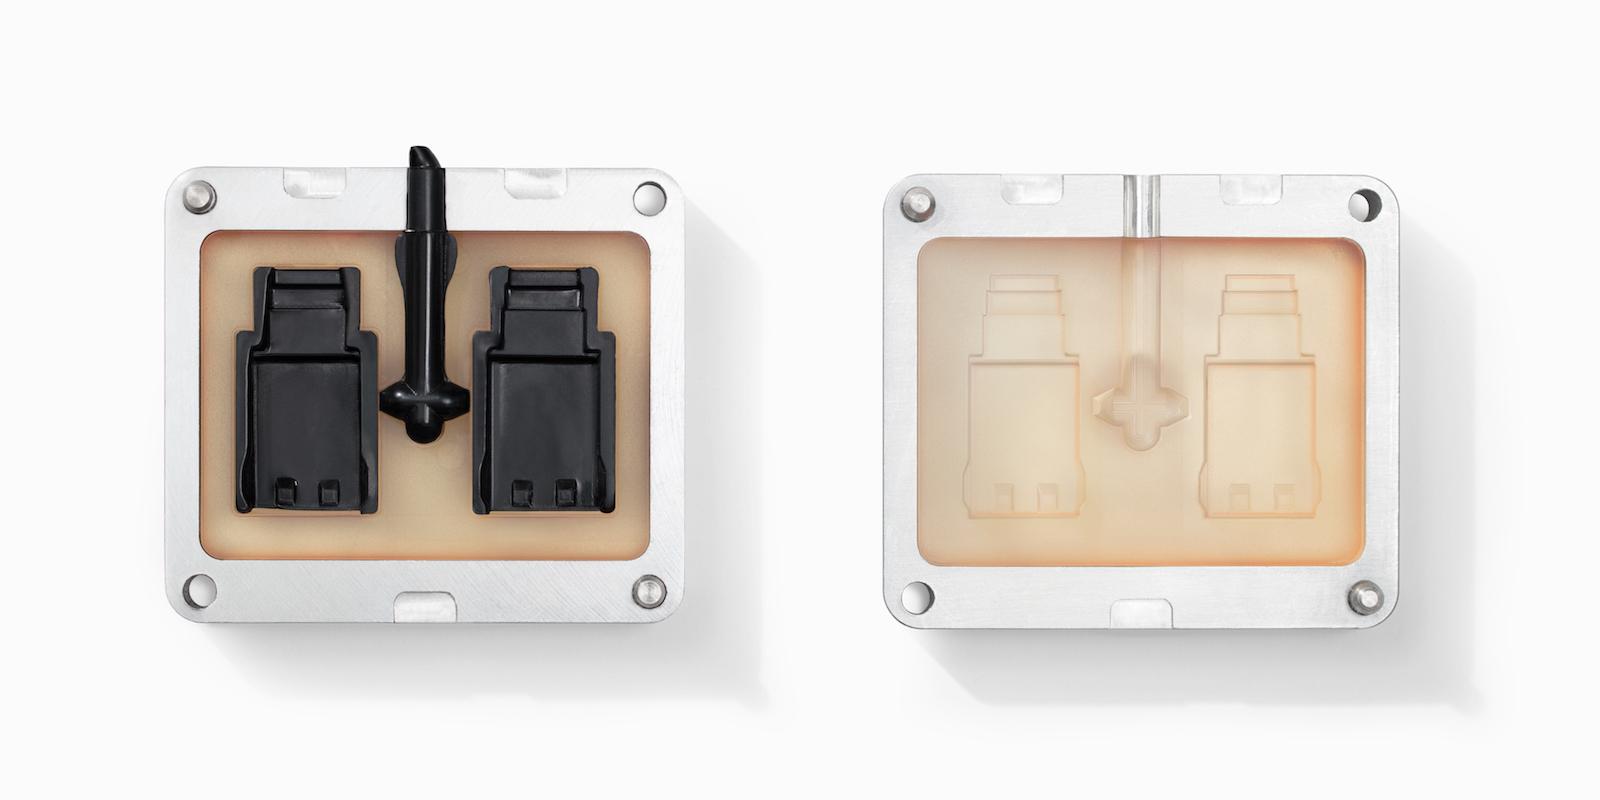 یک قالب پرینت سه بعدی تیراژ پایین SLA با رزین مقاوم در برابر حرارت. تصویر متعلق به formlabs